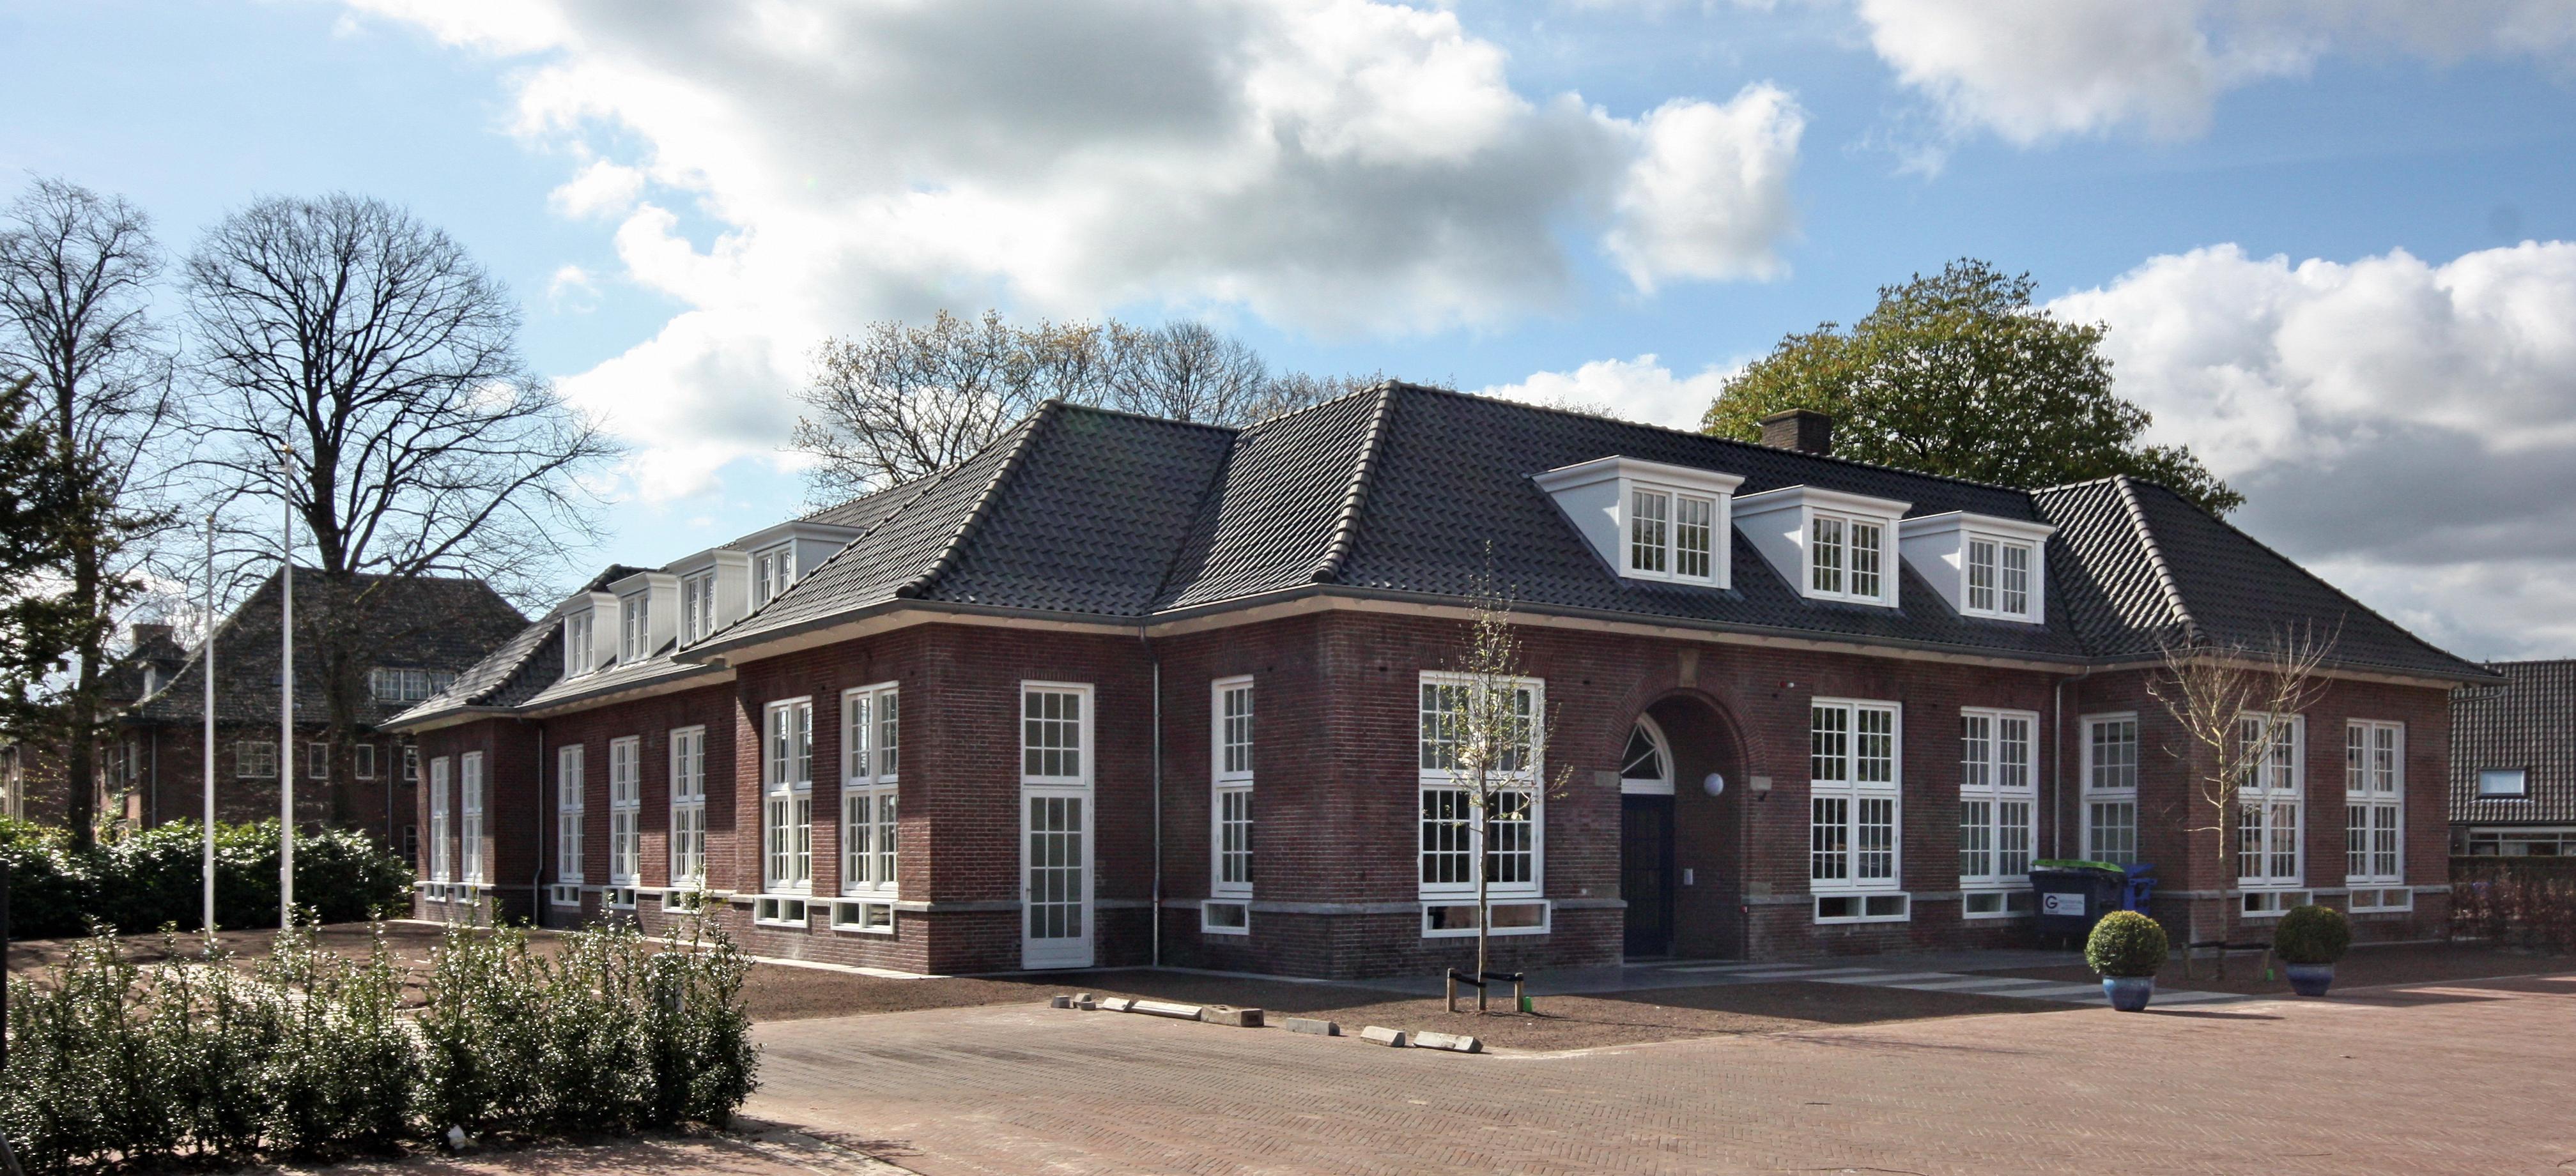 HvB-raadslid pleit voor openhouden balie burgerzaken in Blaricum. 'Zo'n loopje naar het gemeentehuis is zo heerlijk dorps'